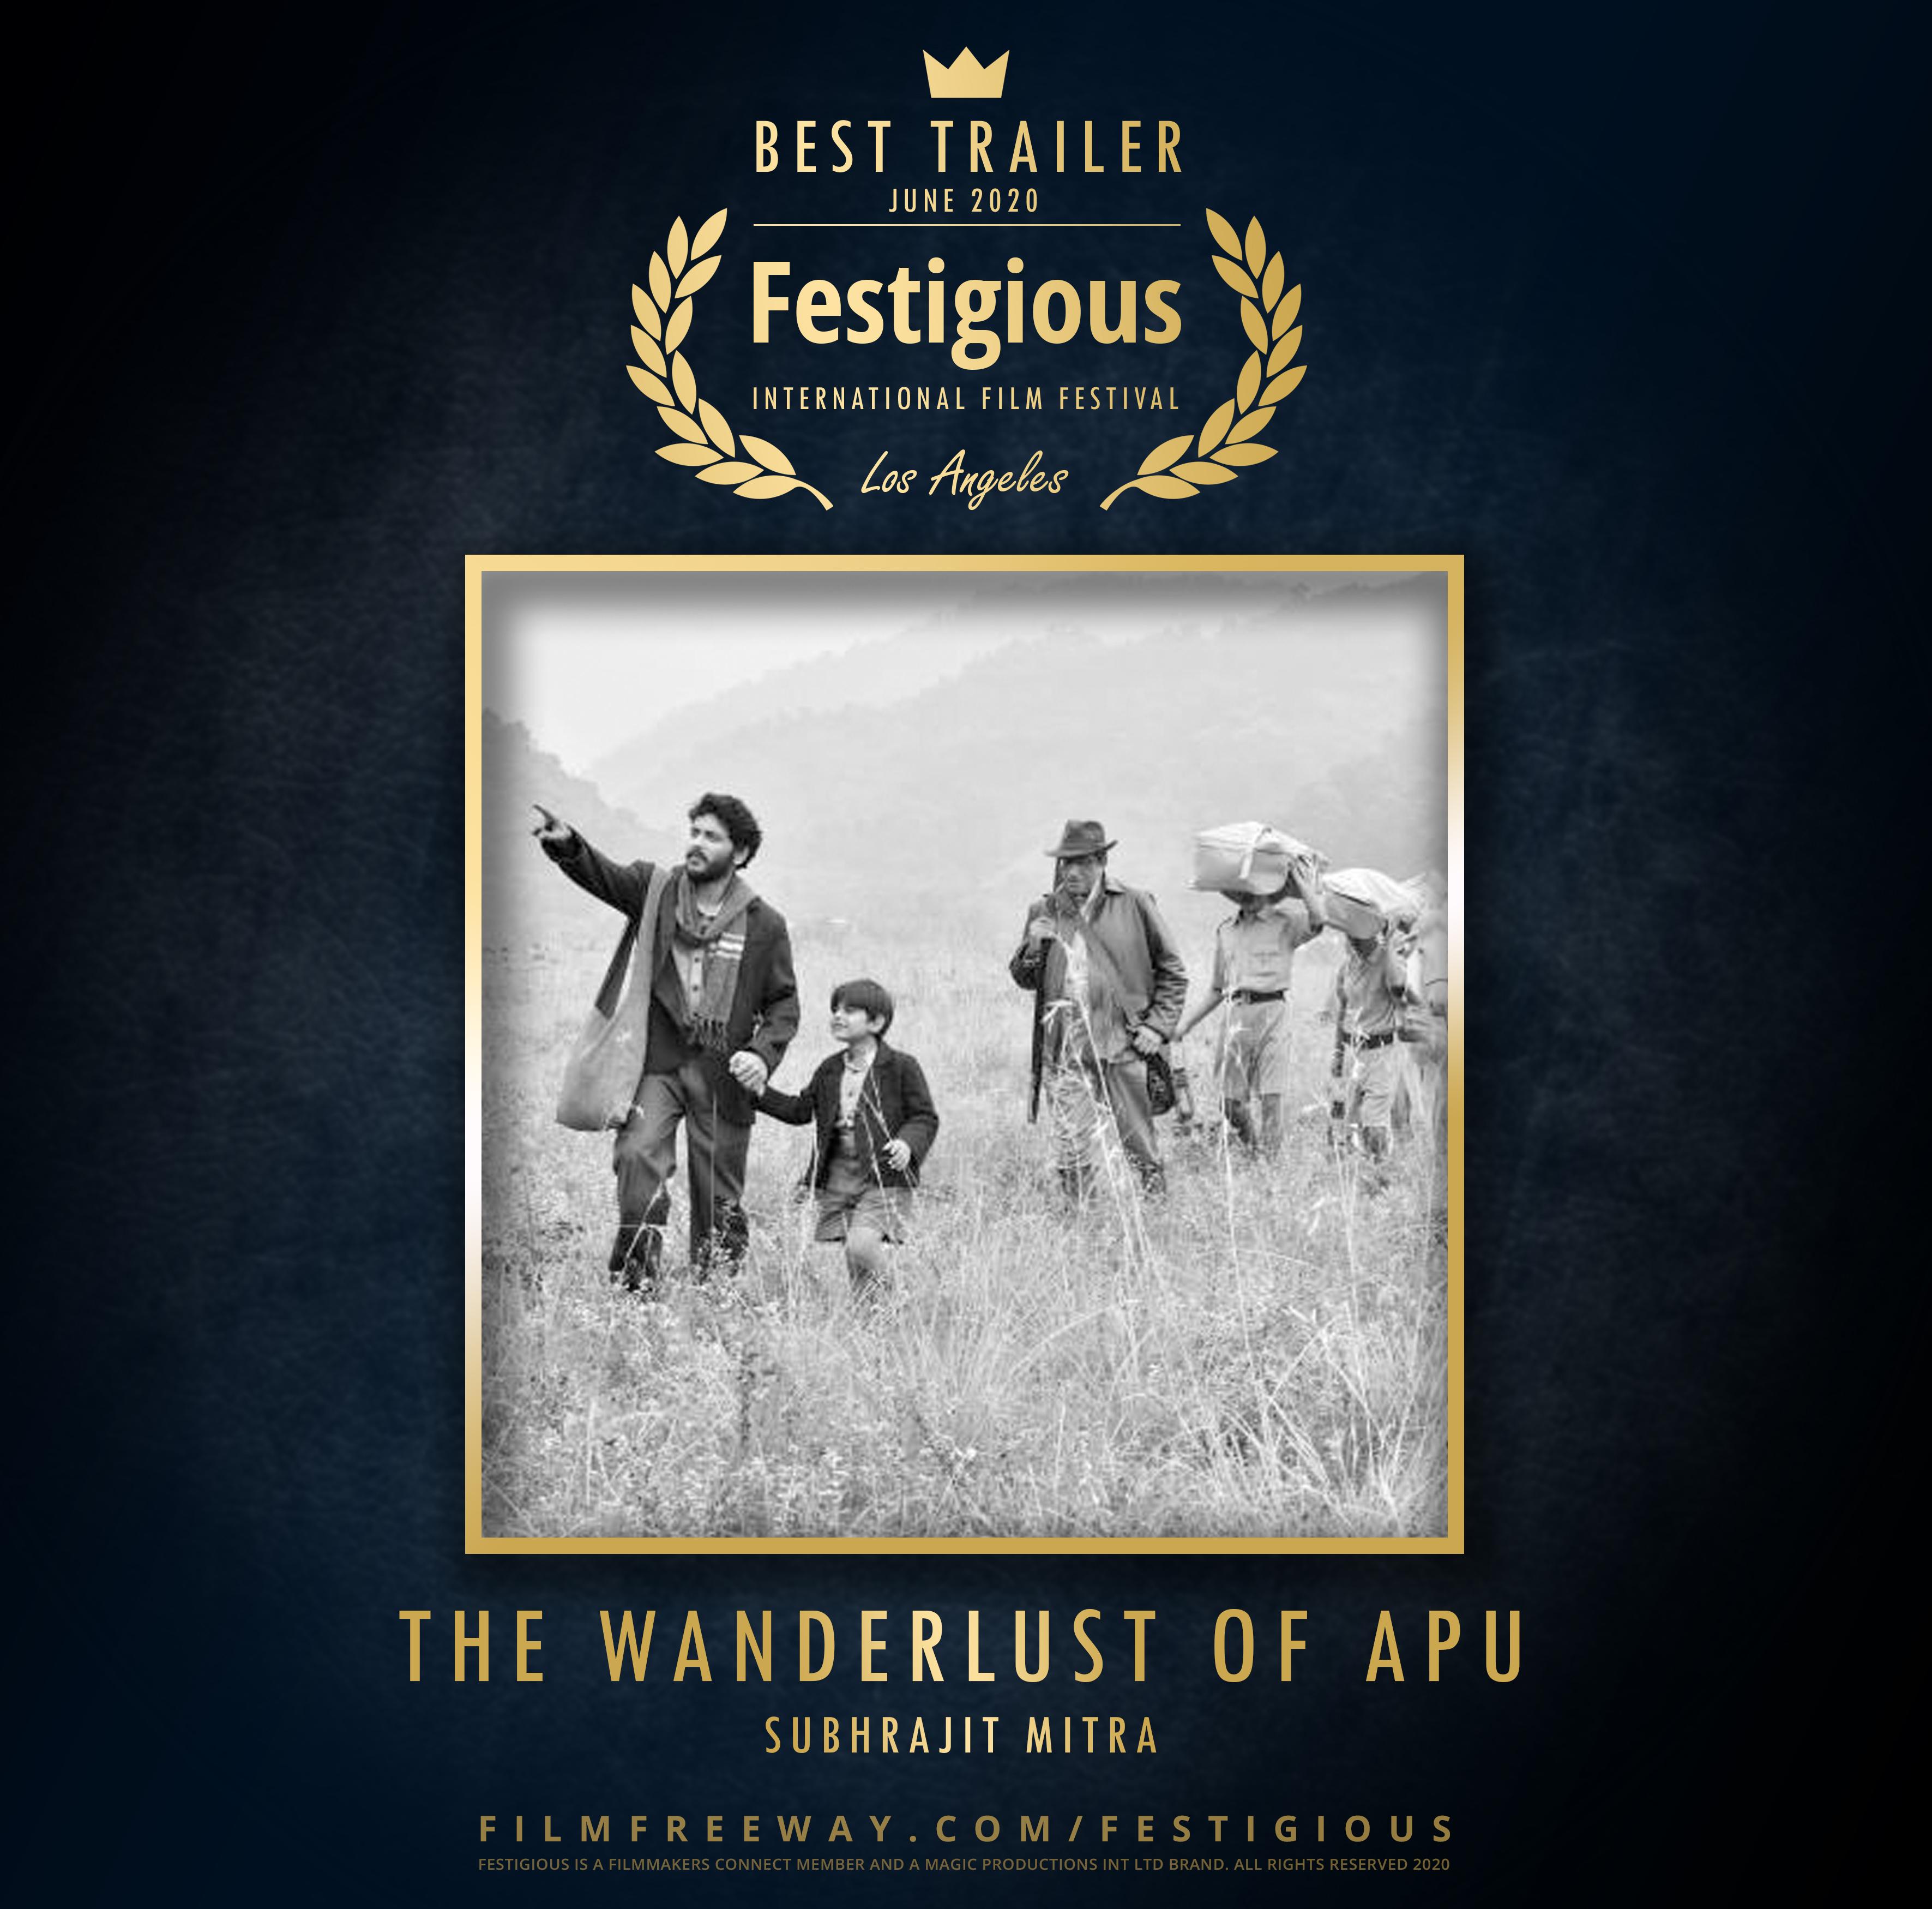 The Wanderlust of Apu